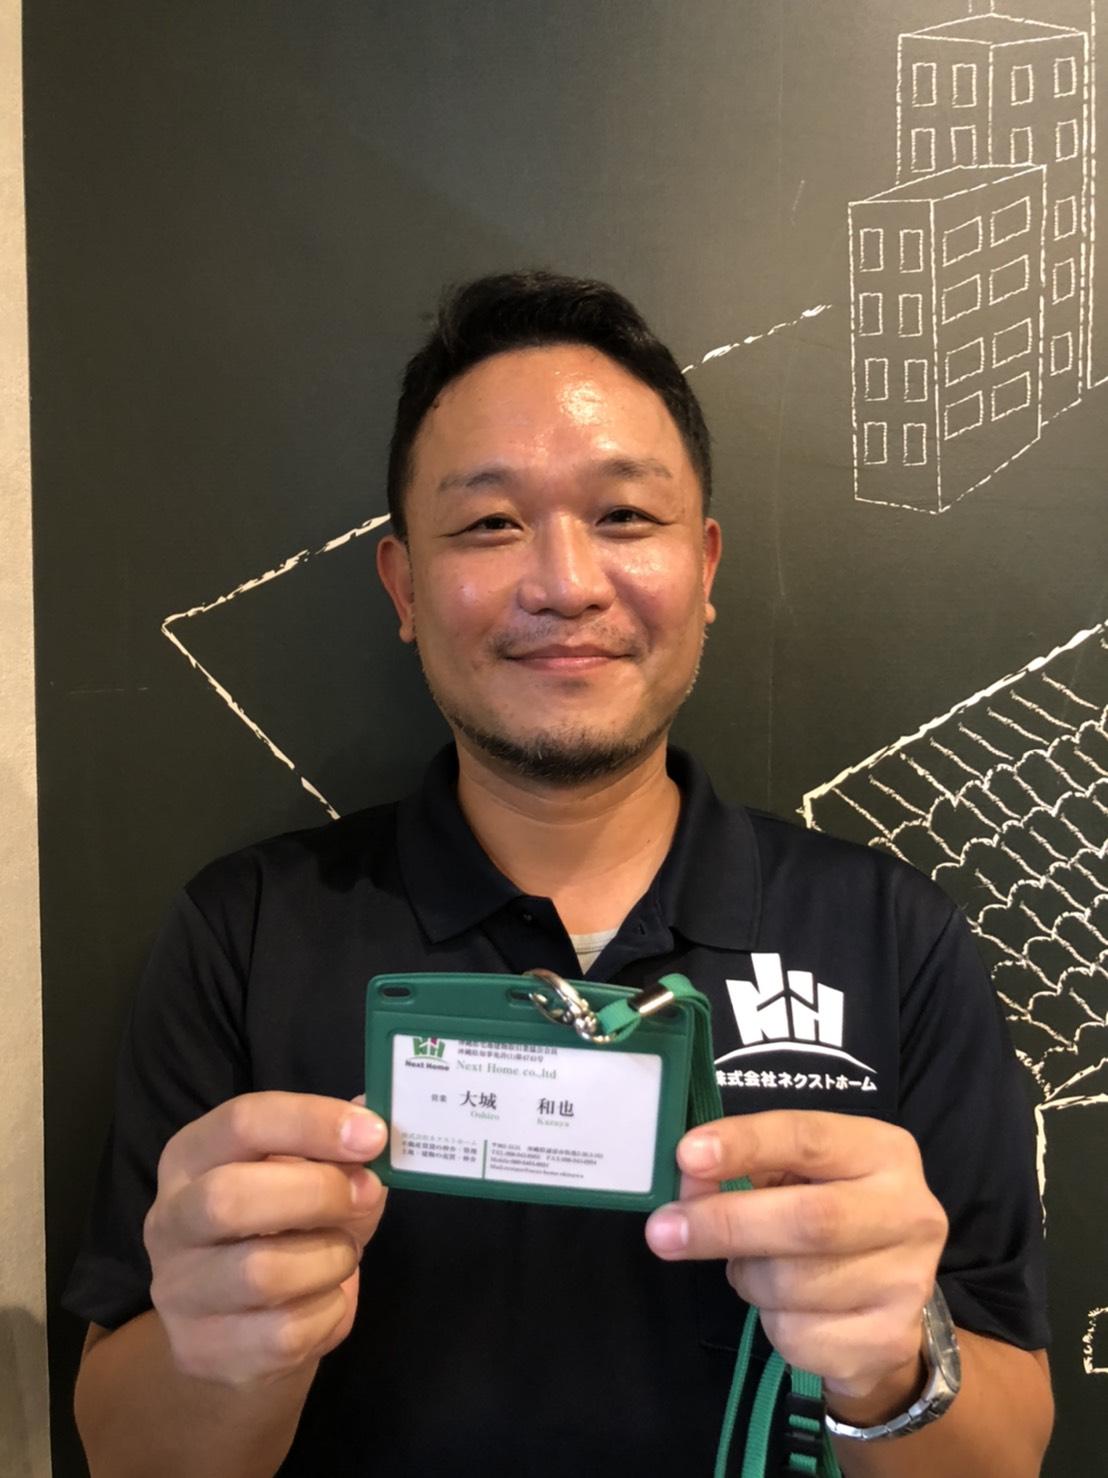 【ブログ】NEWスタッフ 紹介